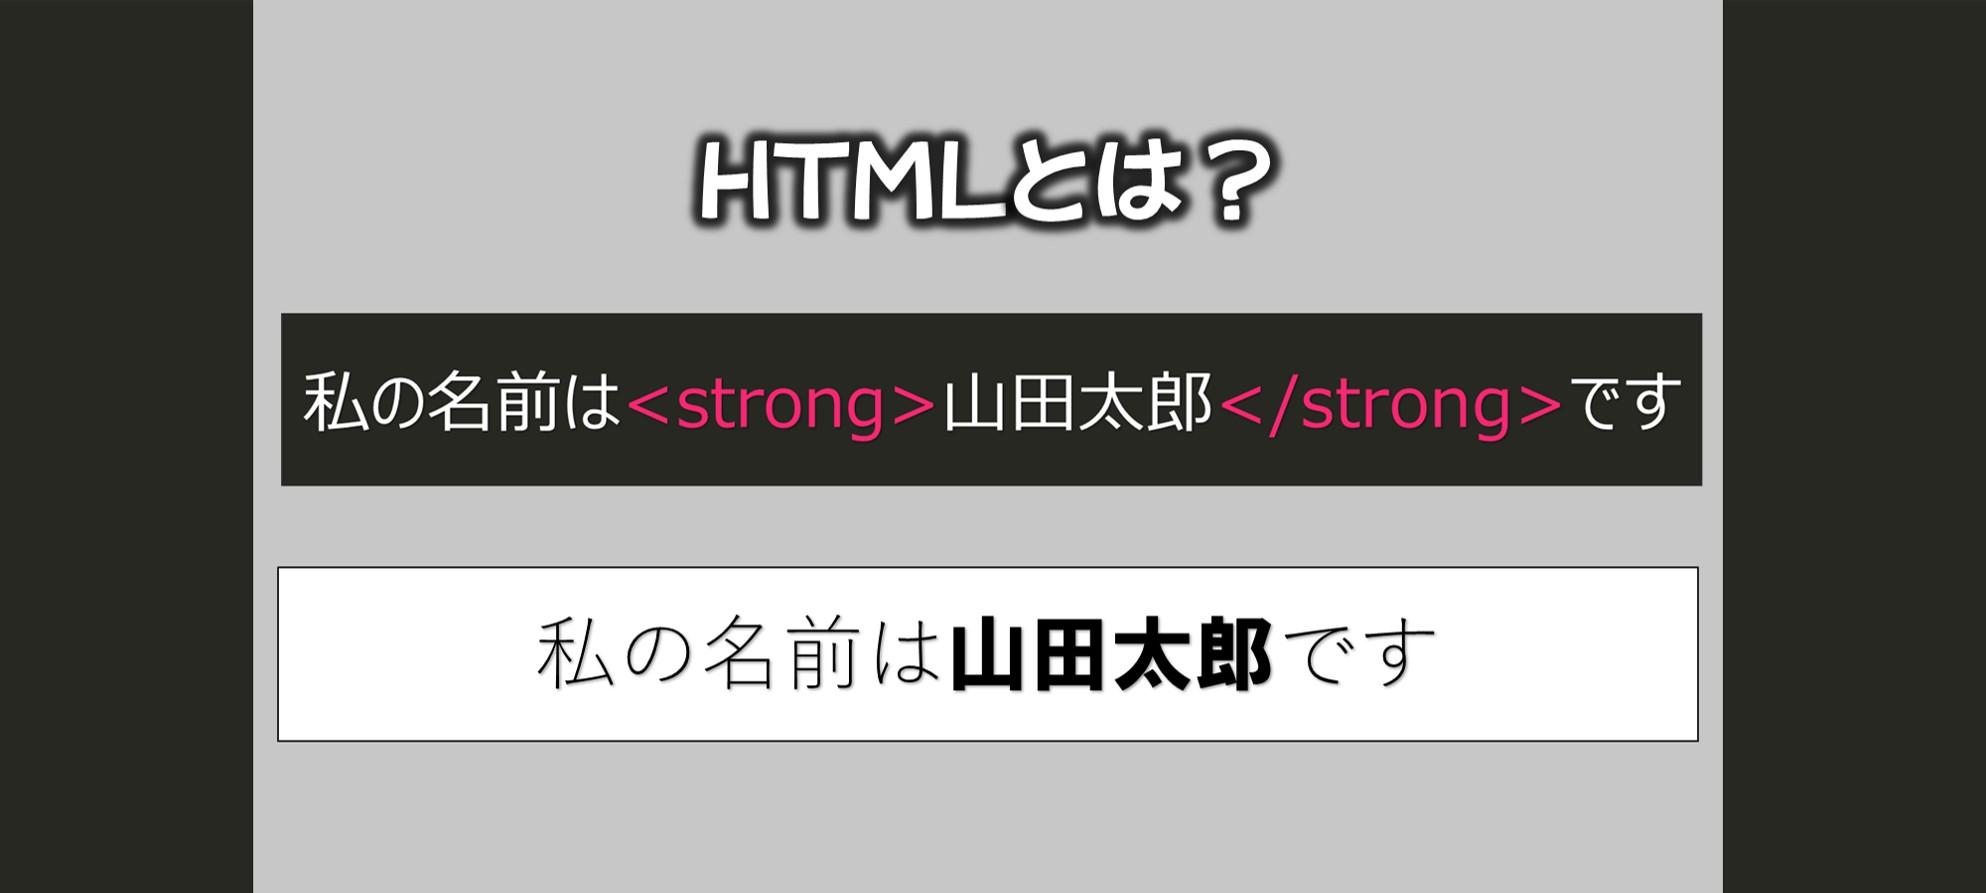 HTMLとは?3分でわかるブログ収益を生むための基礎知識解説